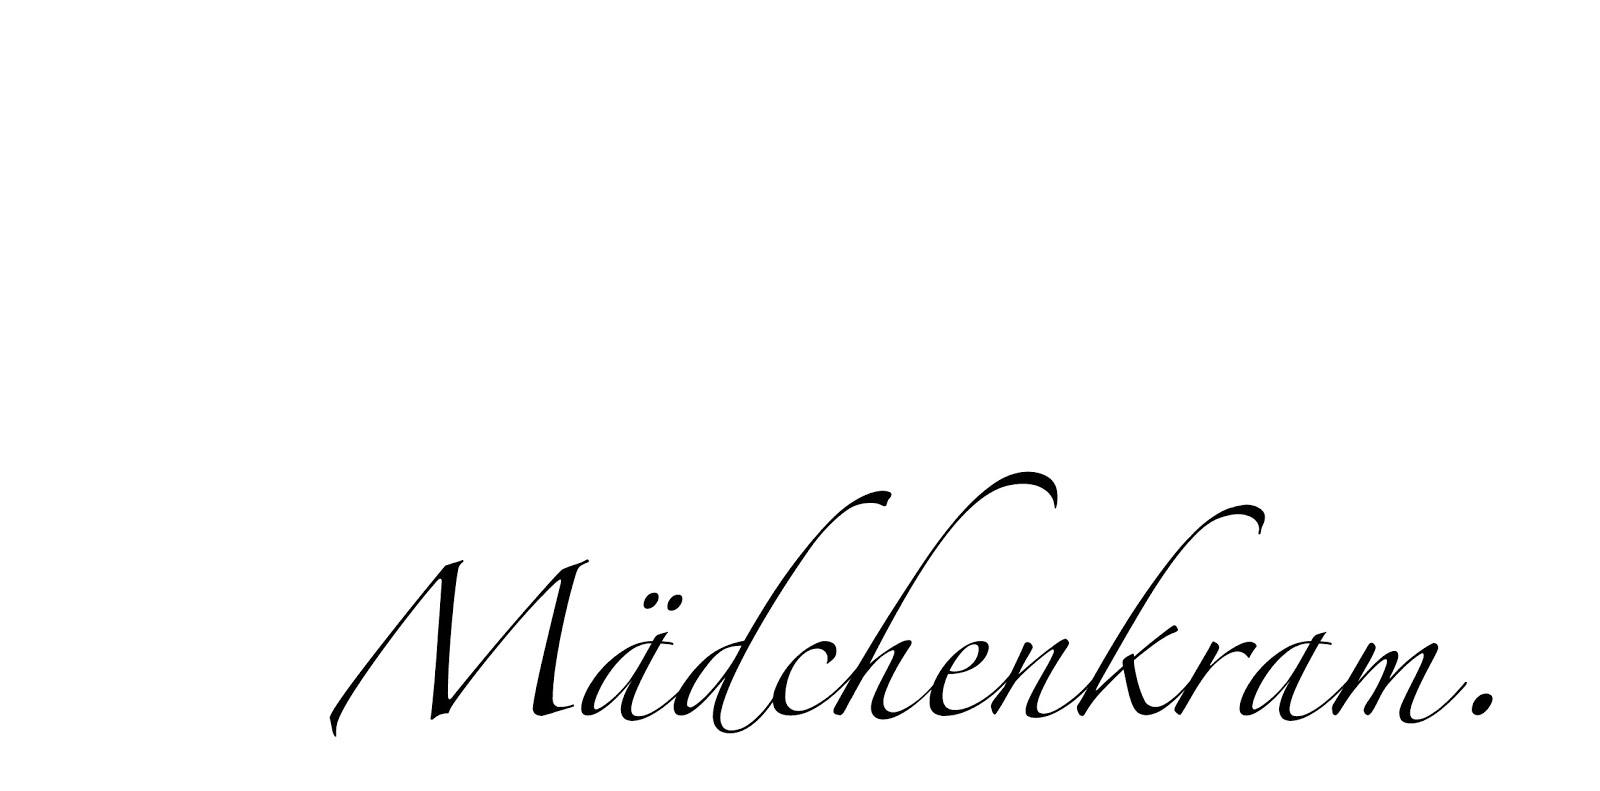 Maedchenkram